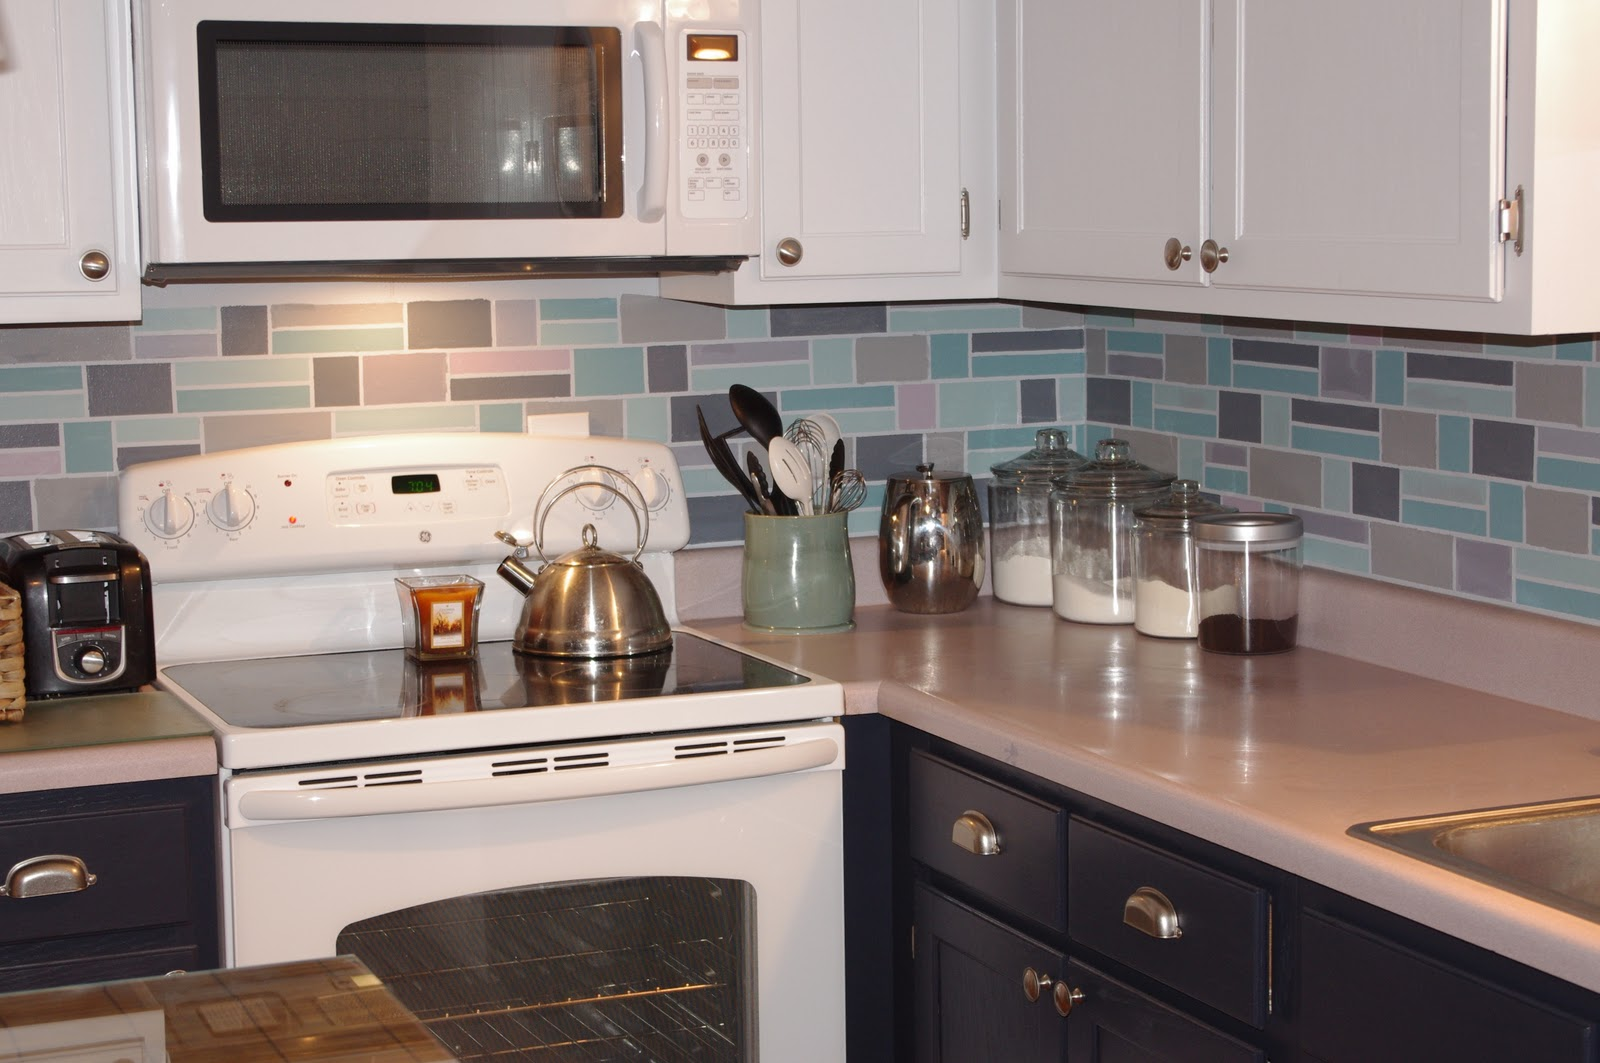 Uncategorized Painting Kitchen Backsplash Ideas 28 painted backsplash ideas kitchen 25 best images about gray eyed scorpio